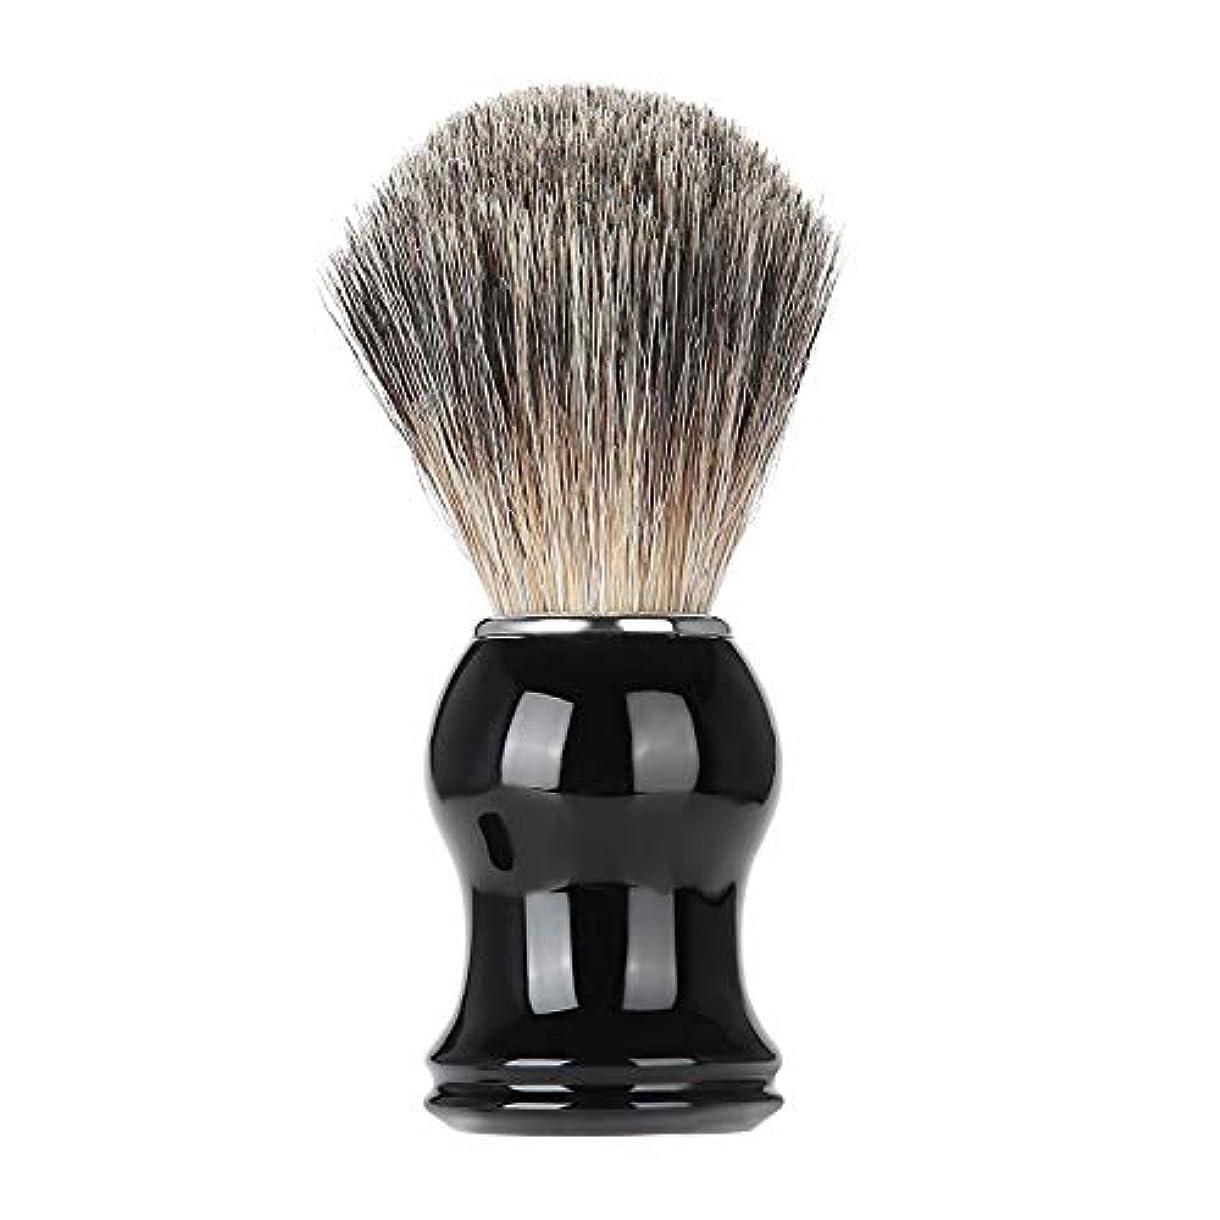 スイウォーターフロントパーセントNitrip シェービングブラシ ひげブラシ ひげケア アナグマ毛 理容 洗顔 髭剃り 泡立ち シェービング用アクセサリー 男性用 高級